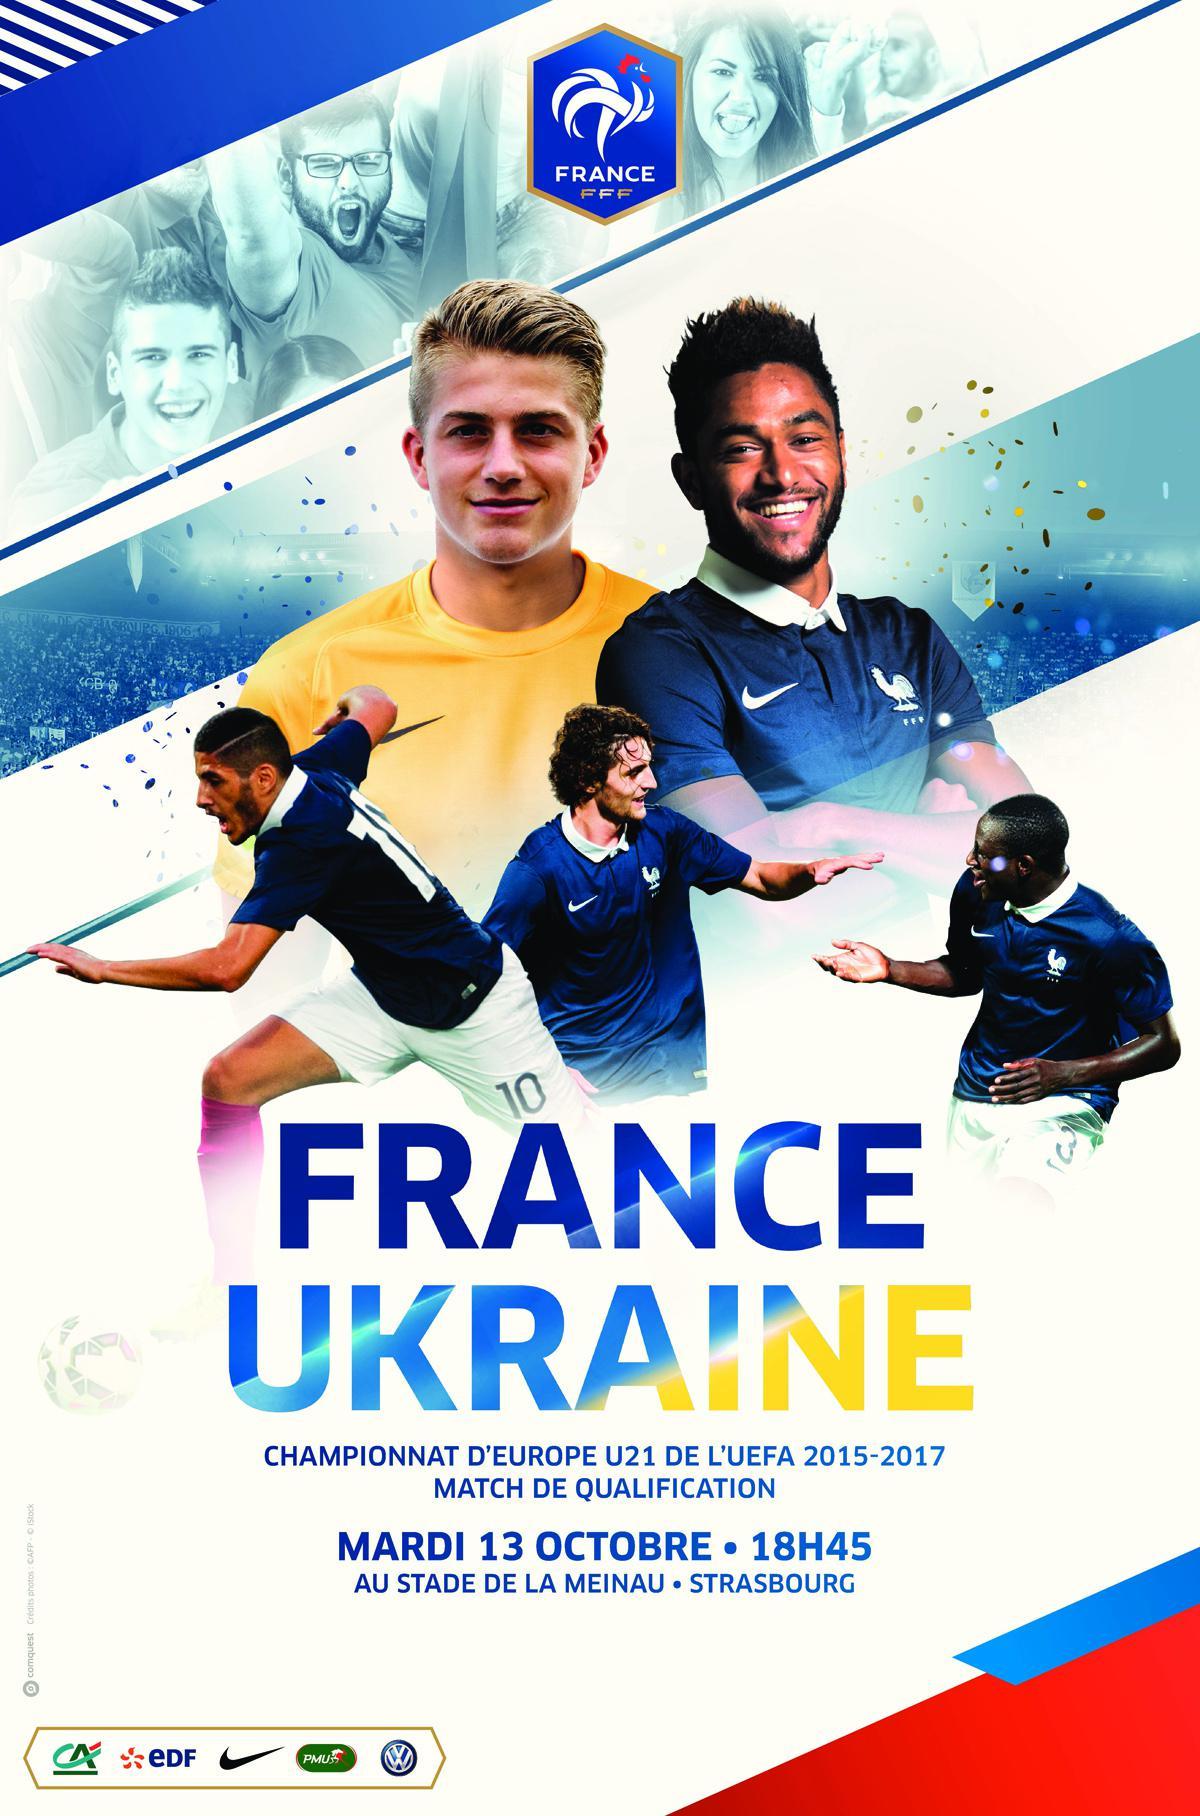 30% de réduction pour le match France/Ukraine de l'EdF Espoirs  le Mardi 13 Octobre 2015 à 18h45 à Strasbourg soit la place